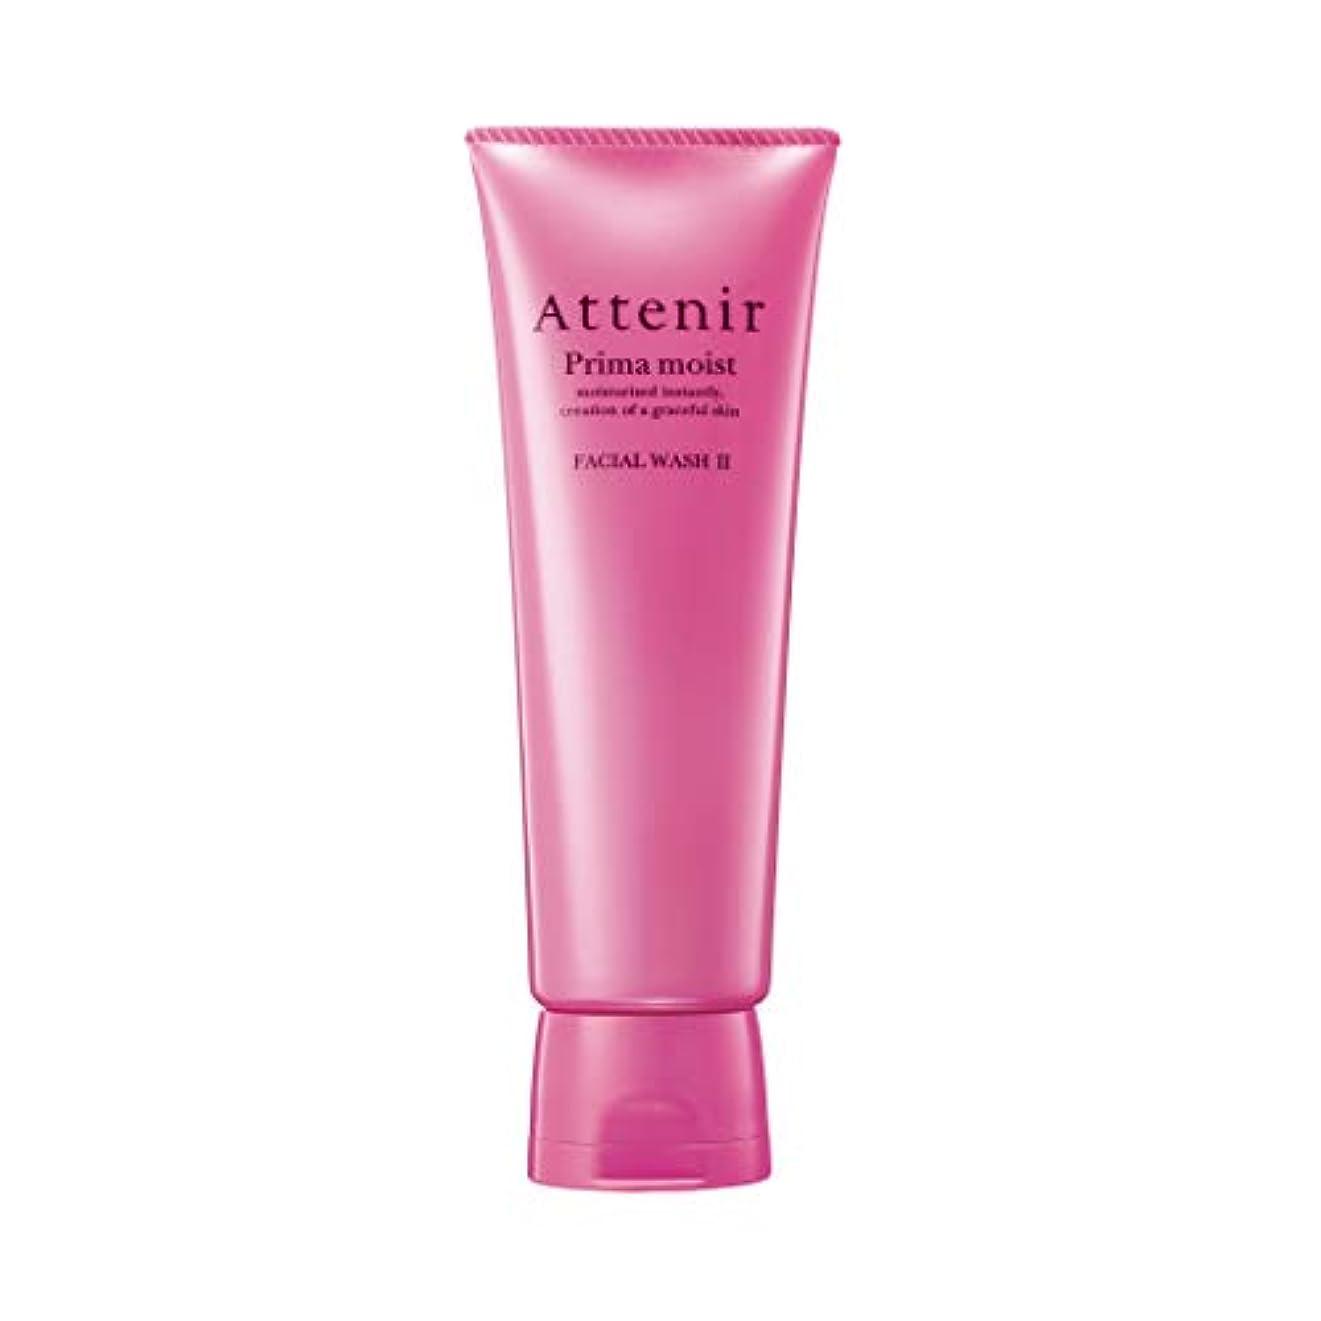 効能ある光沢のある俳優アテニア プリマモイスト フェイシャルウォッシュⅡ 洗顔料 アロマ しっとりタイプ 120g 洗顔フォーム